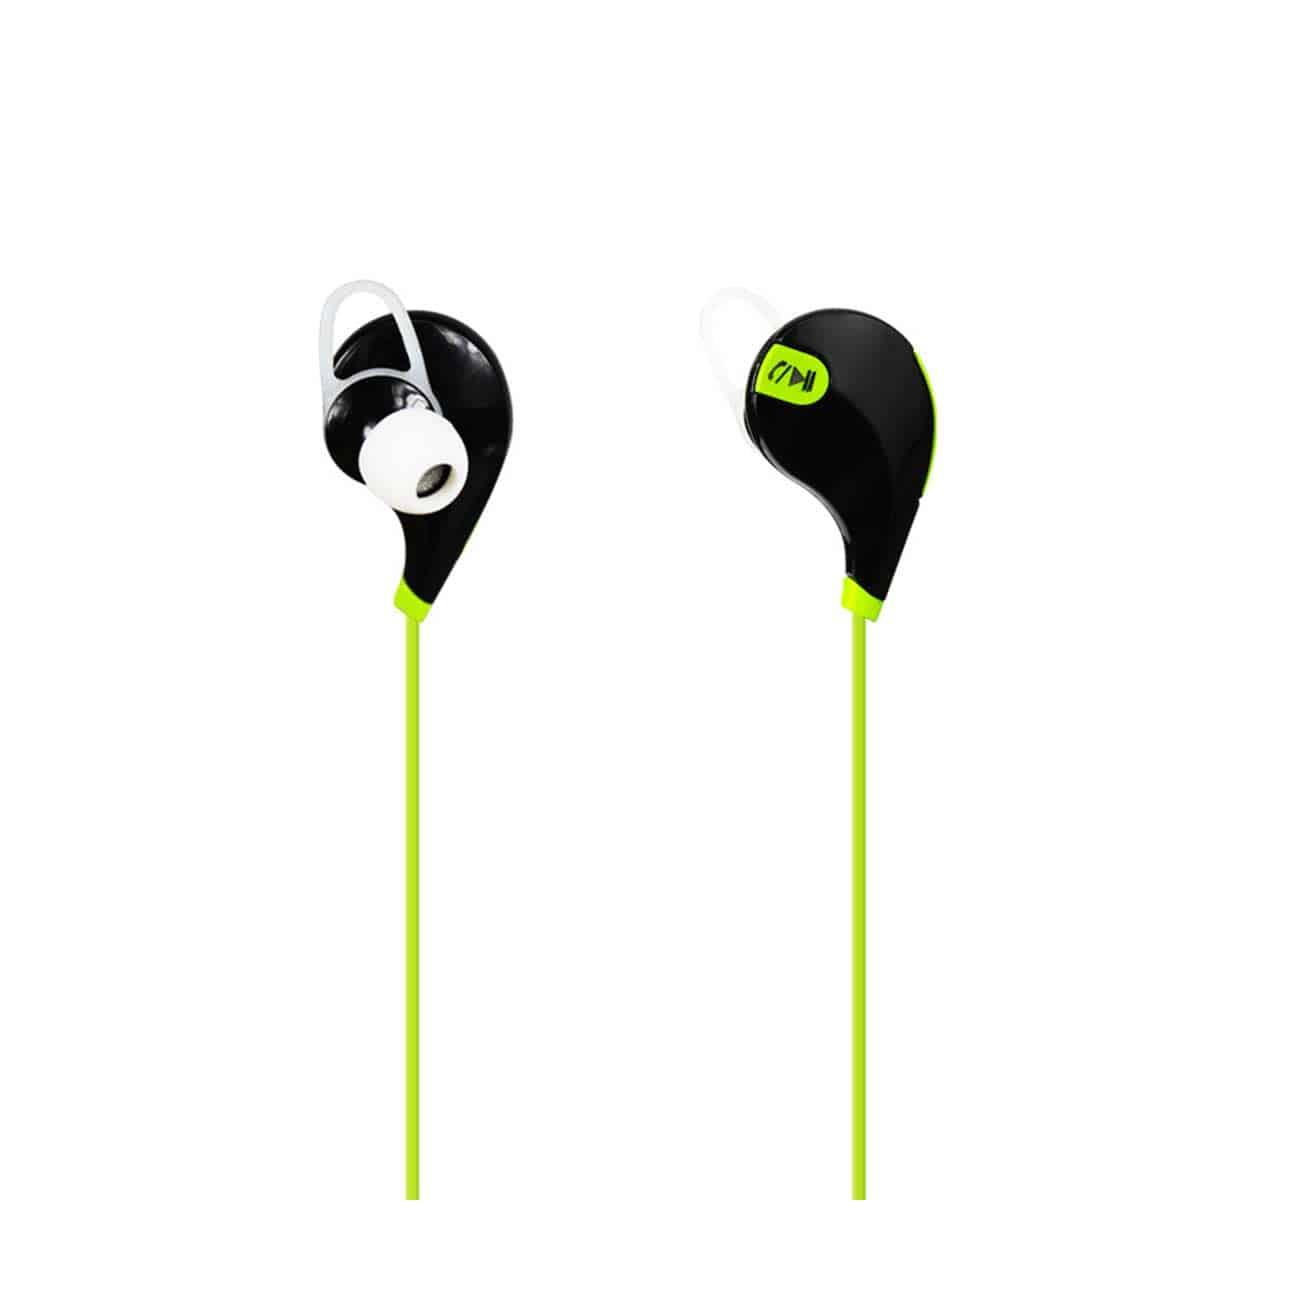 WIRELESS IN EAR HEADPHONES UNIVERSAL BLUETOOTH IN GREEN BLACK